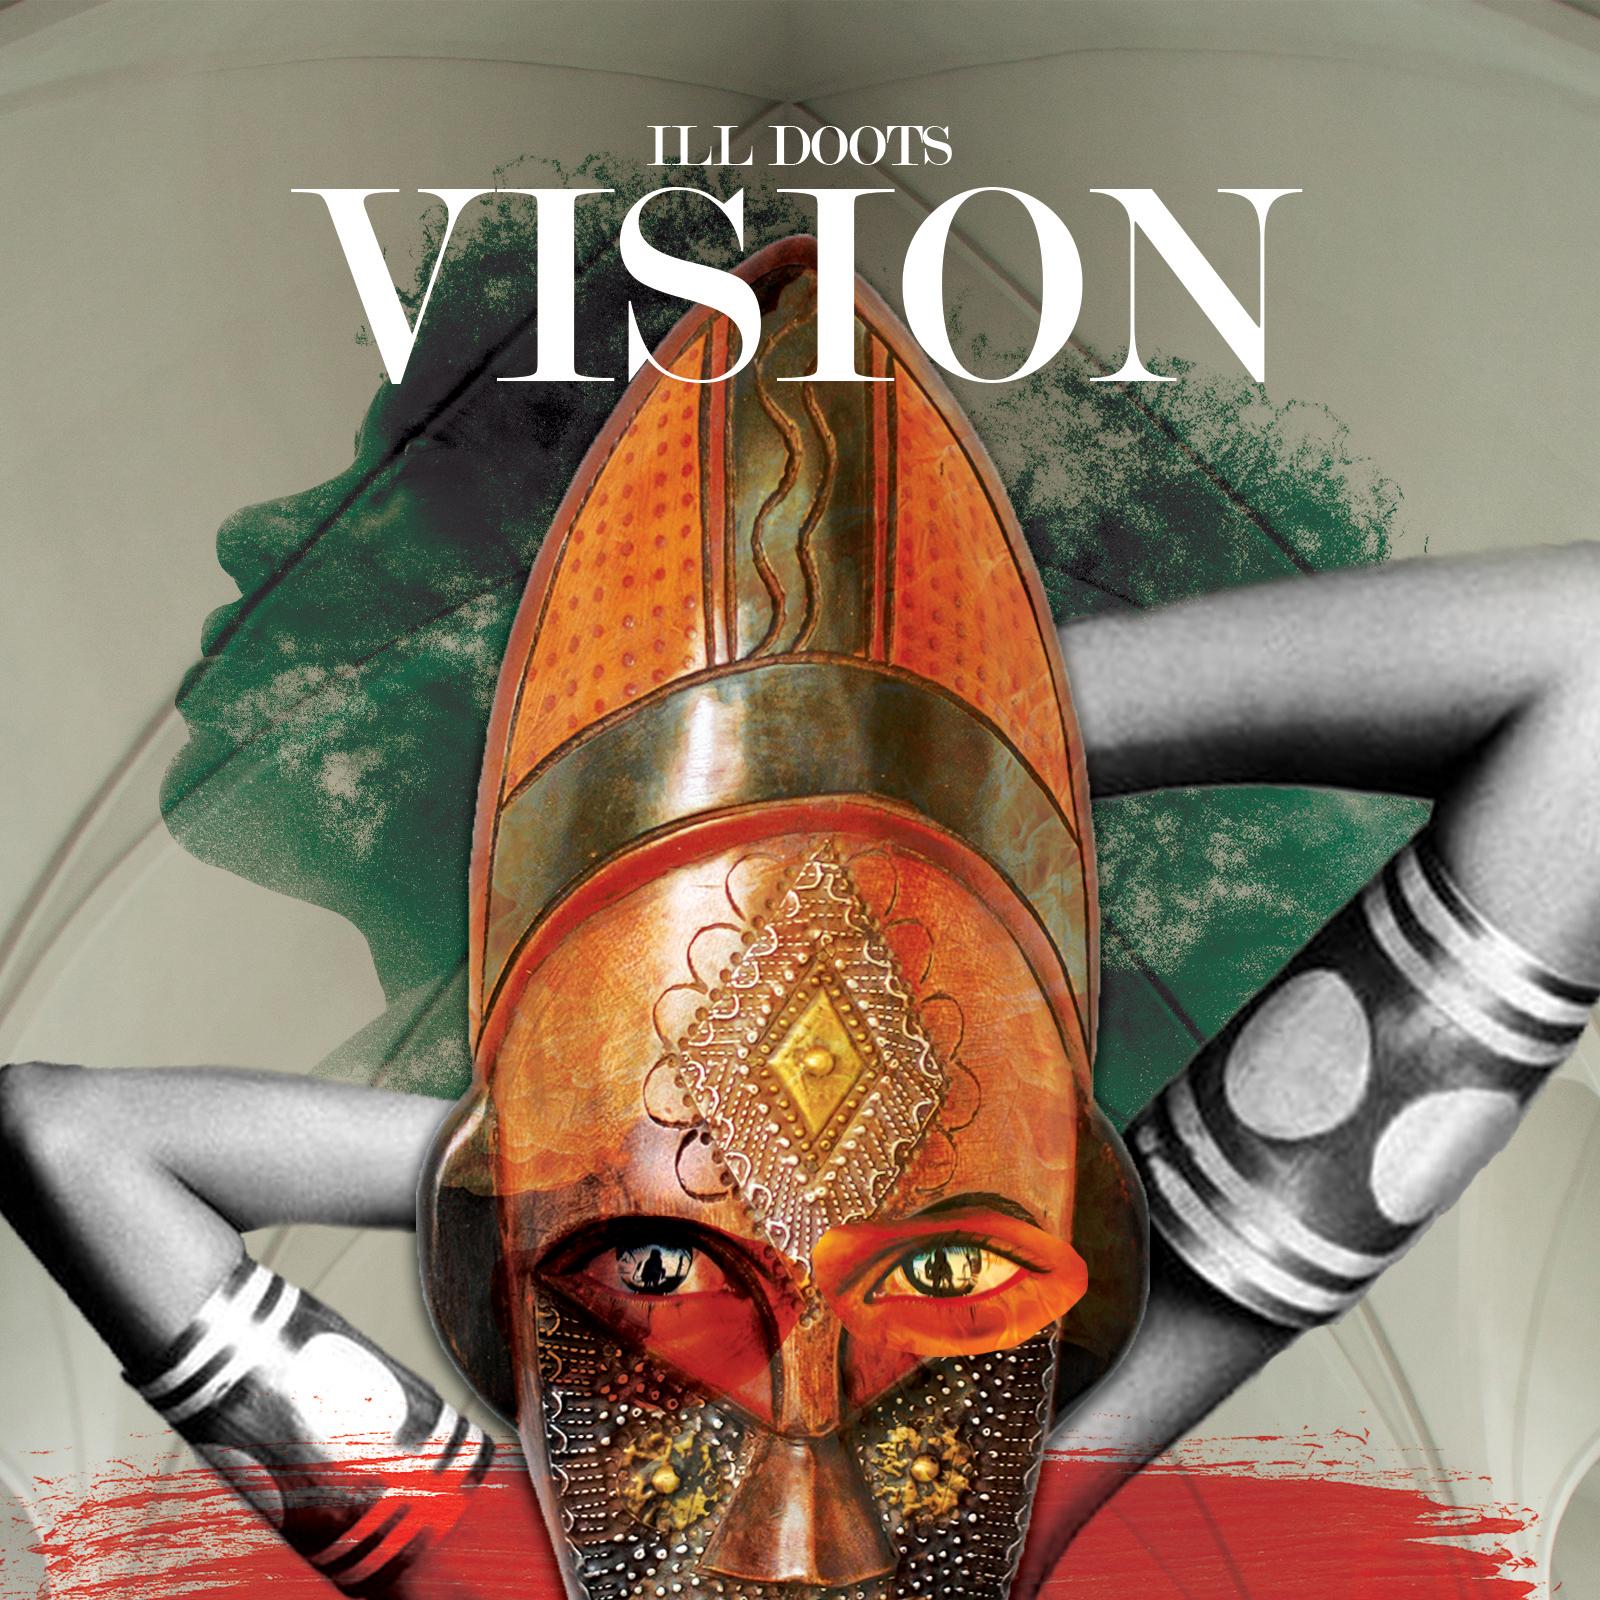 Ill_Doots_VISION_FINAL.jpg